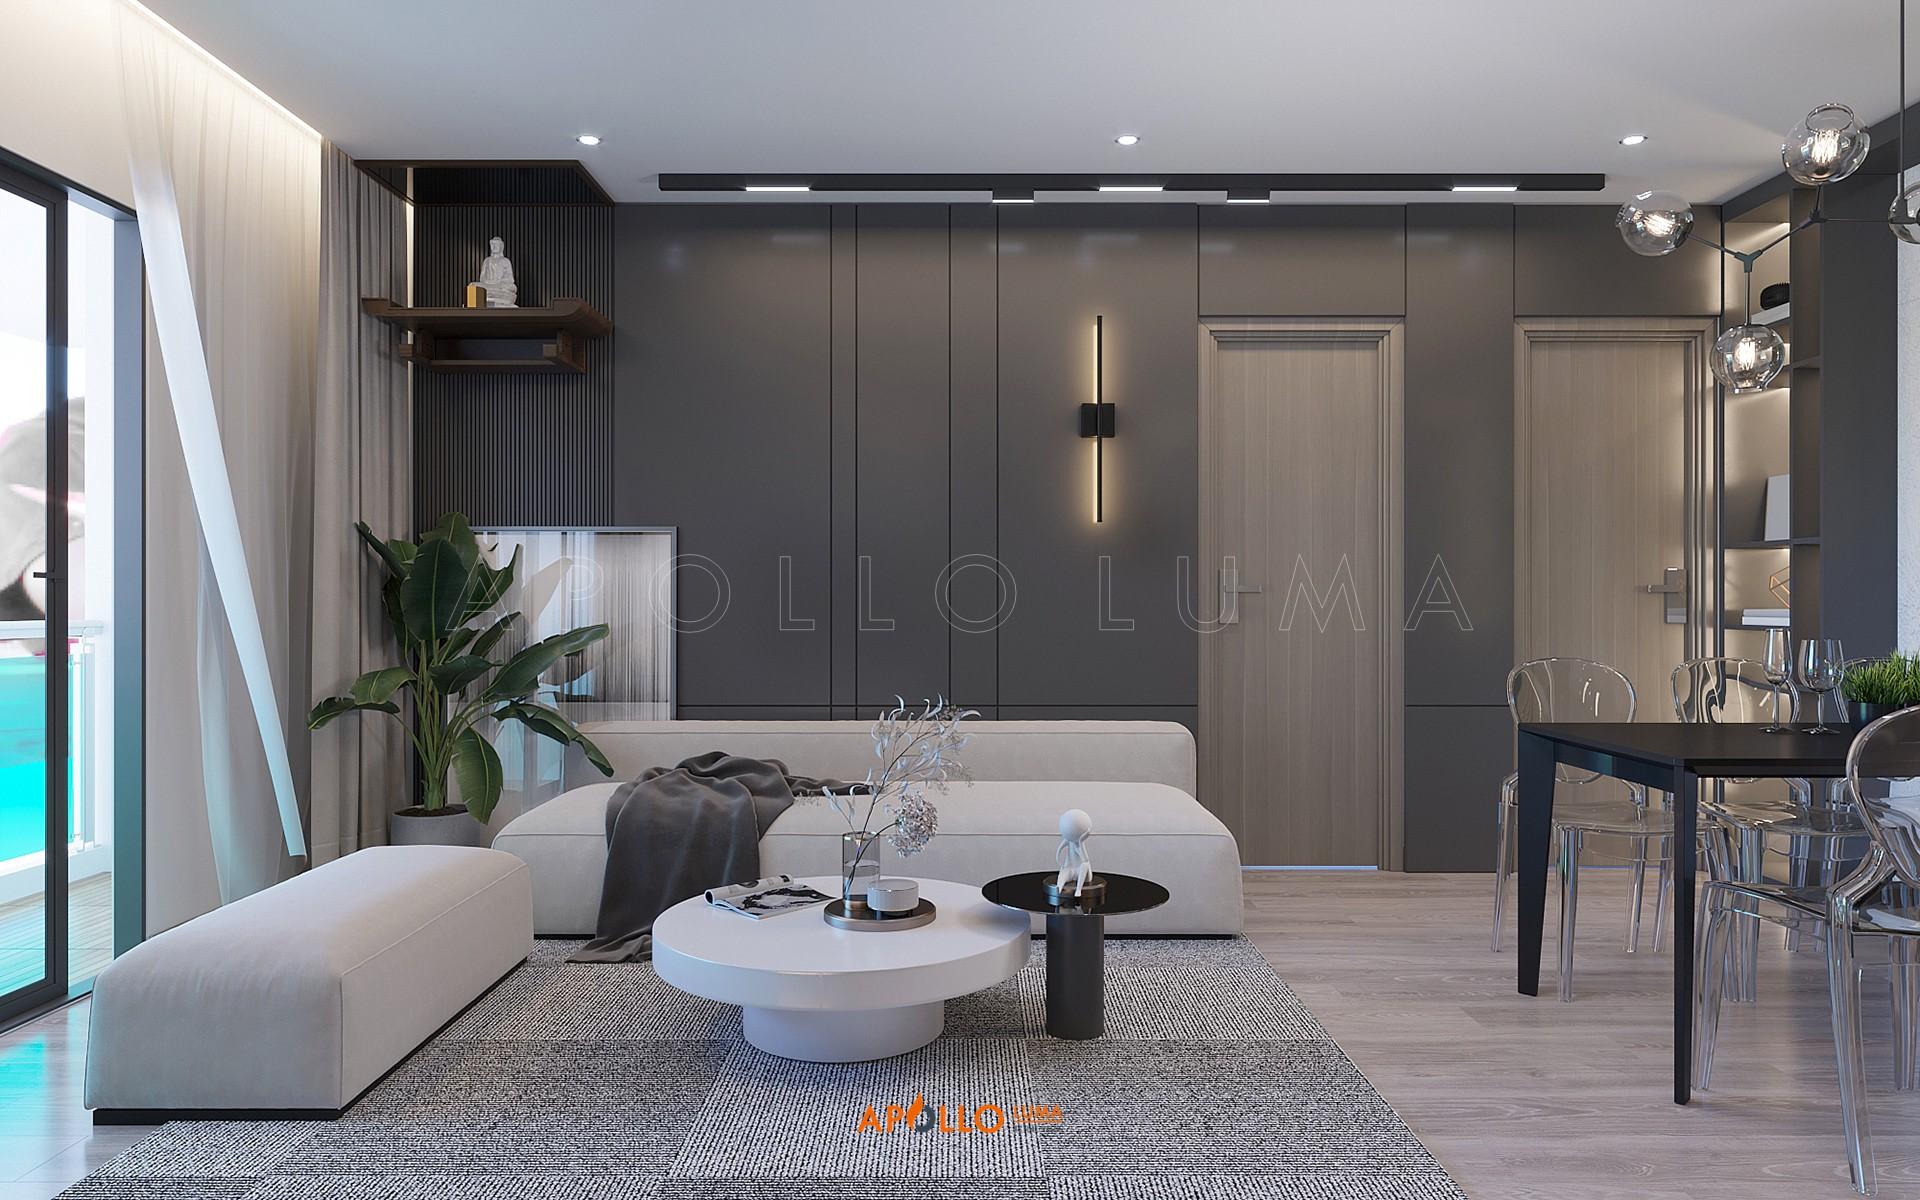 Thiết kế nội thất căn hộ 3PN (97m2) Le Grand Jardin Sài Đồng